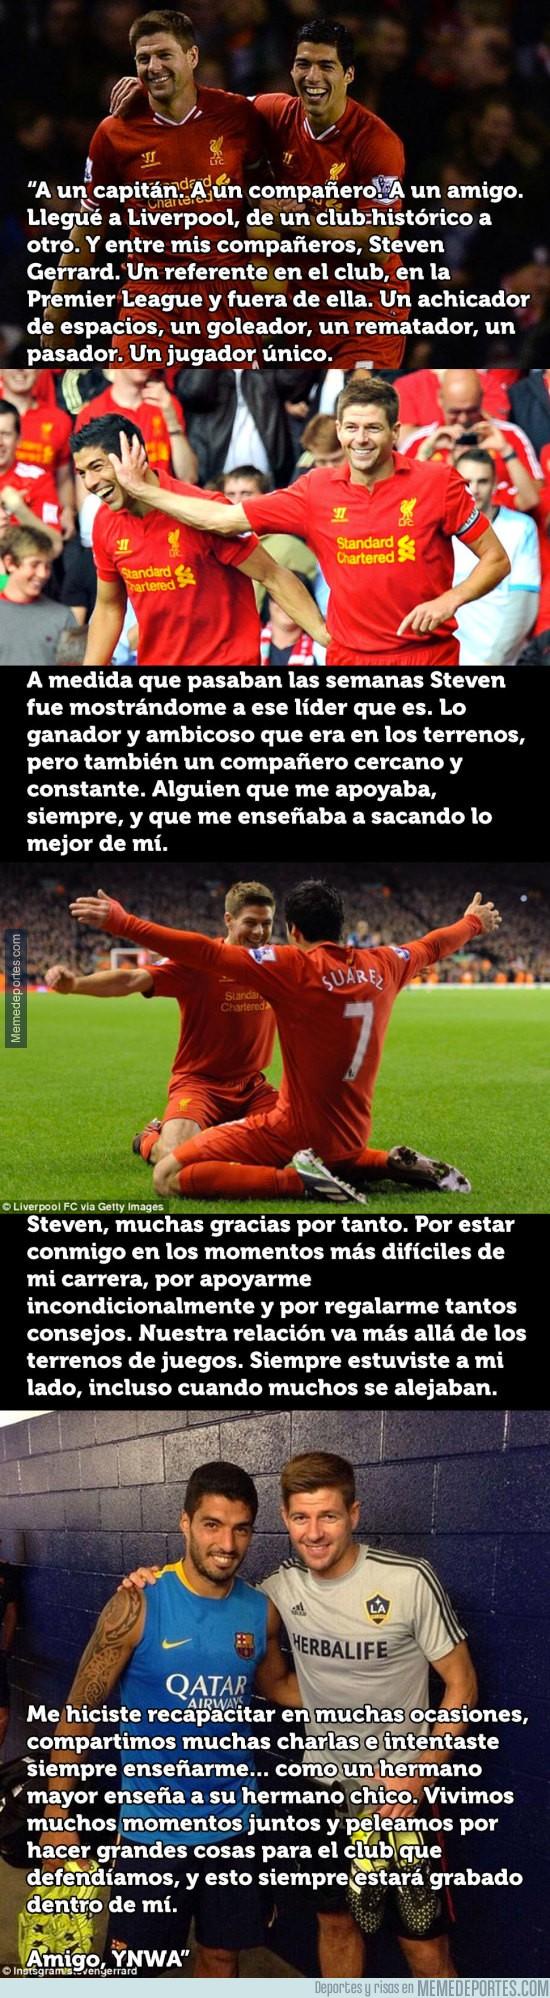 927315 - La emotiva carta de Luis Suárez a su amigo Steven Gerrard